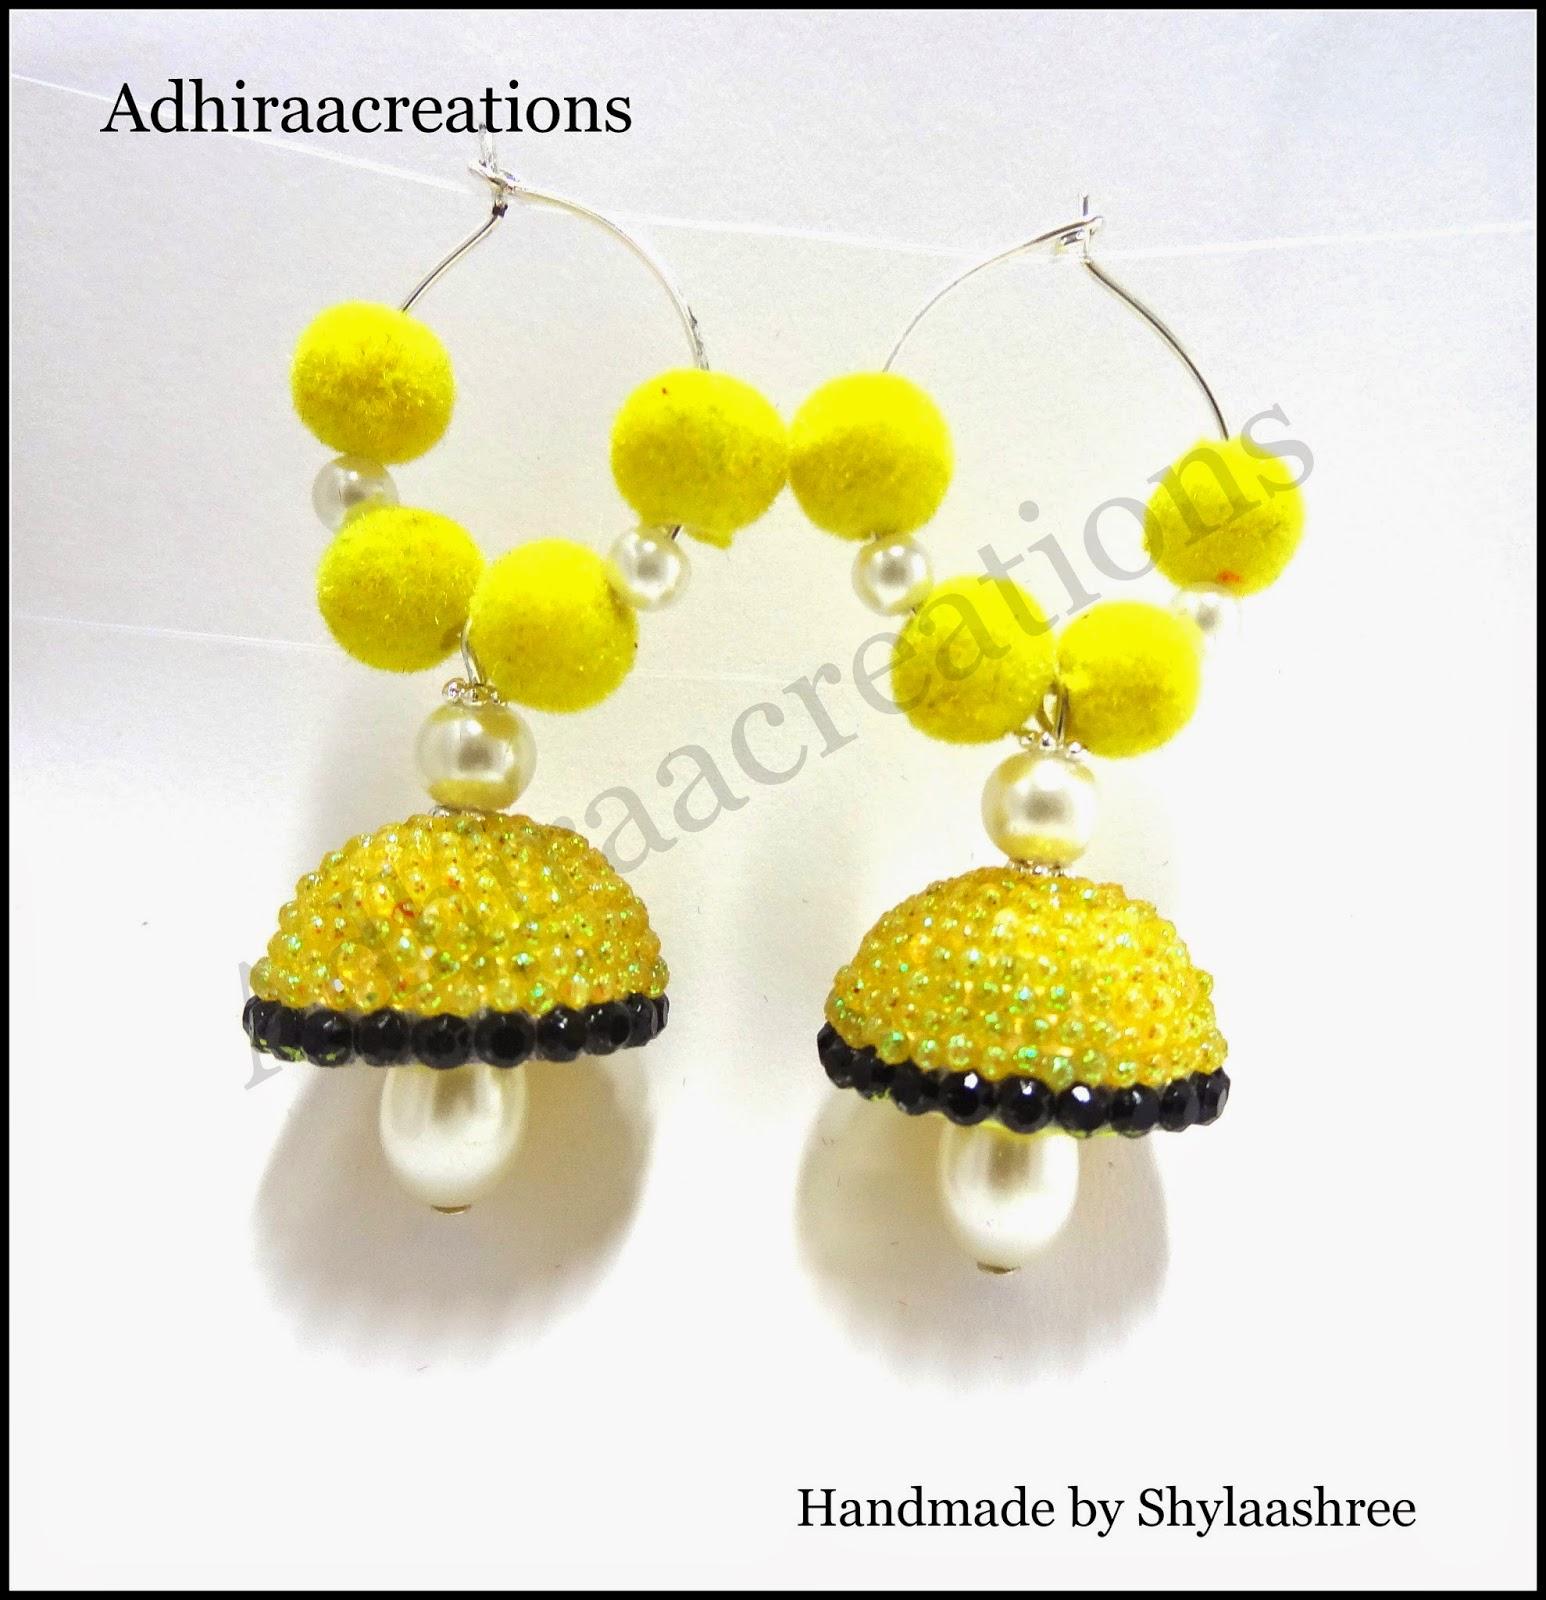 Adhiraacreations glitter jhumkas for Handmade paper creations